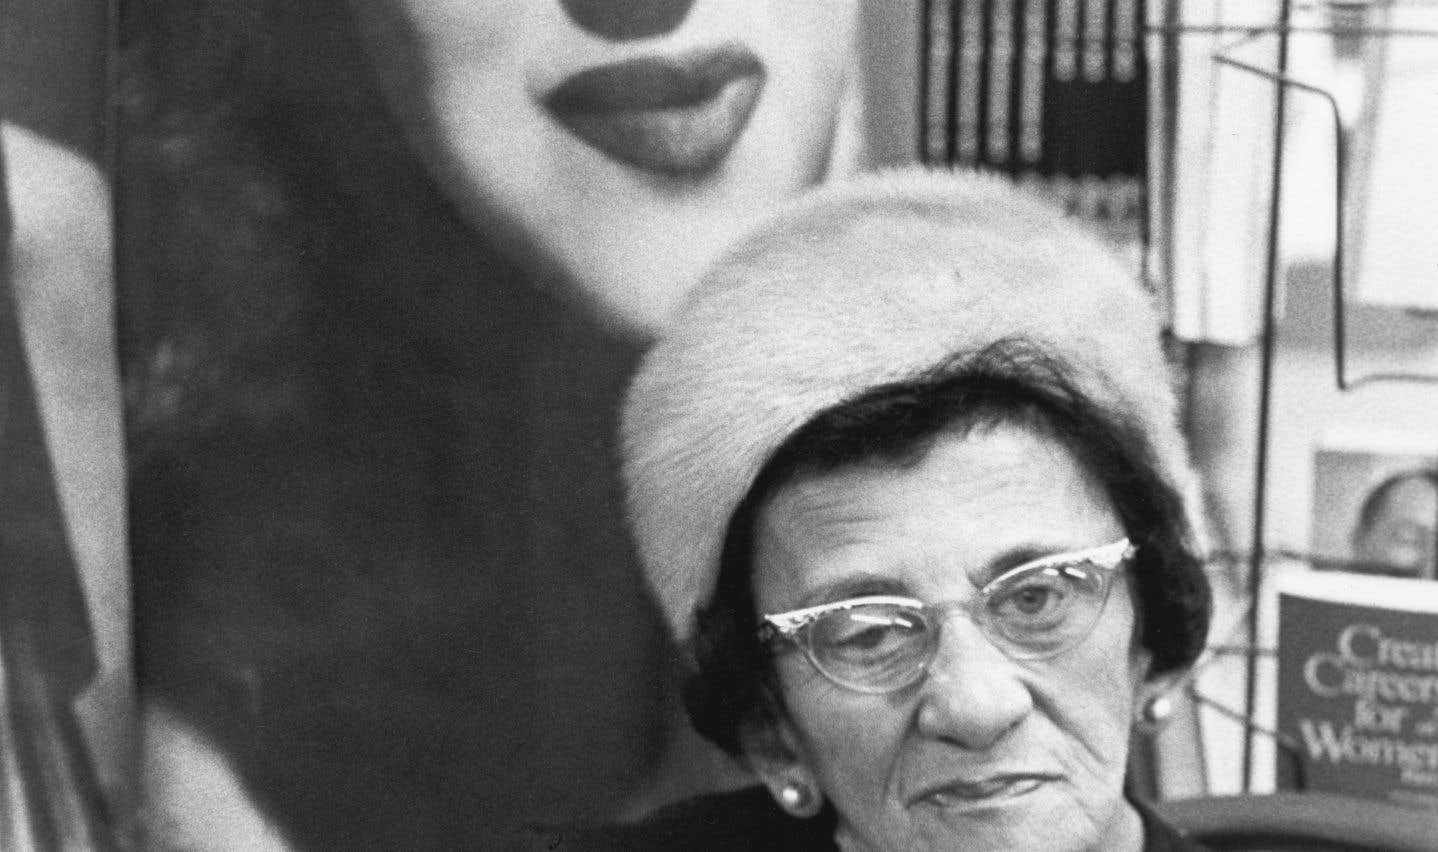 Vernissage de l'exposition de Susan Caine au Mansfield Book Mart, Gabor Szilasi, Montréal, janvier 1969